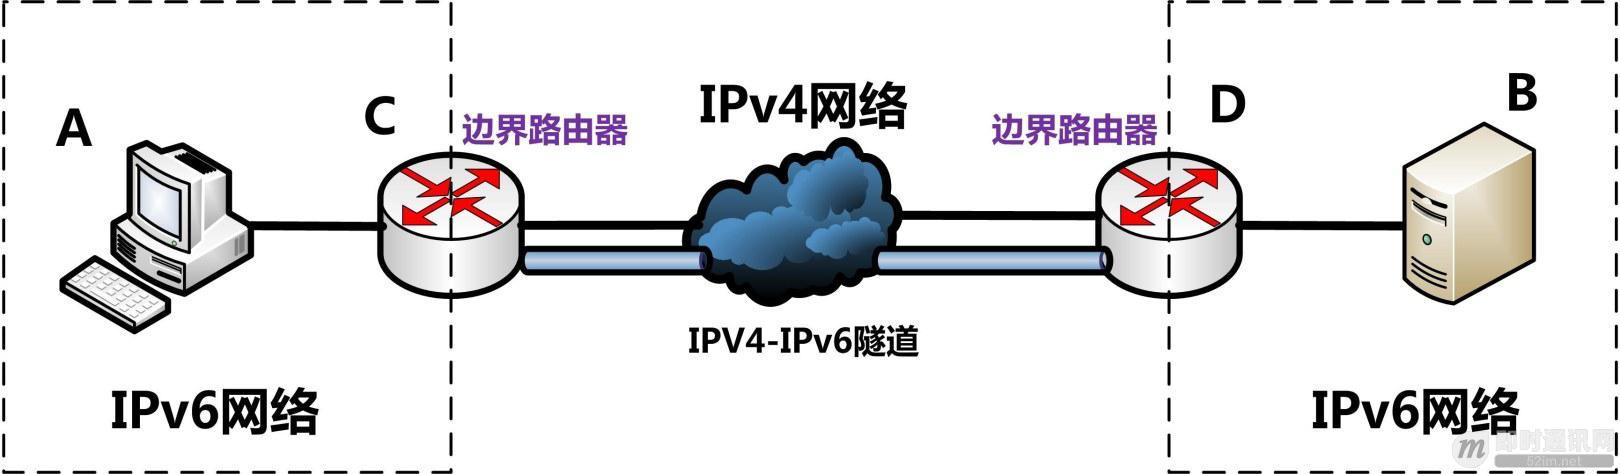 IPv6技术详解:基本概念、应用现状、技术实践(下篇)_1.jpg